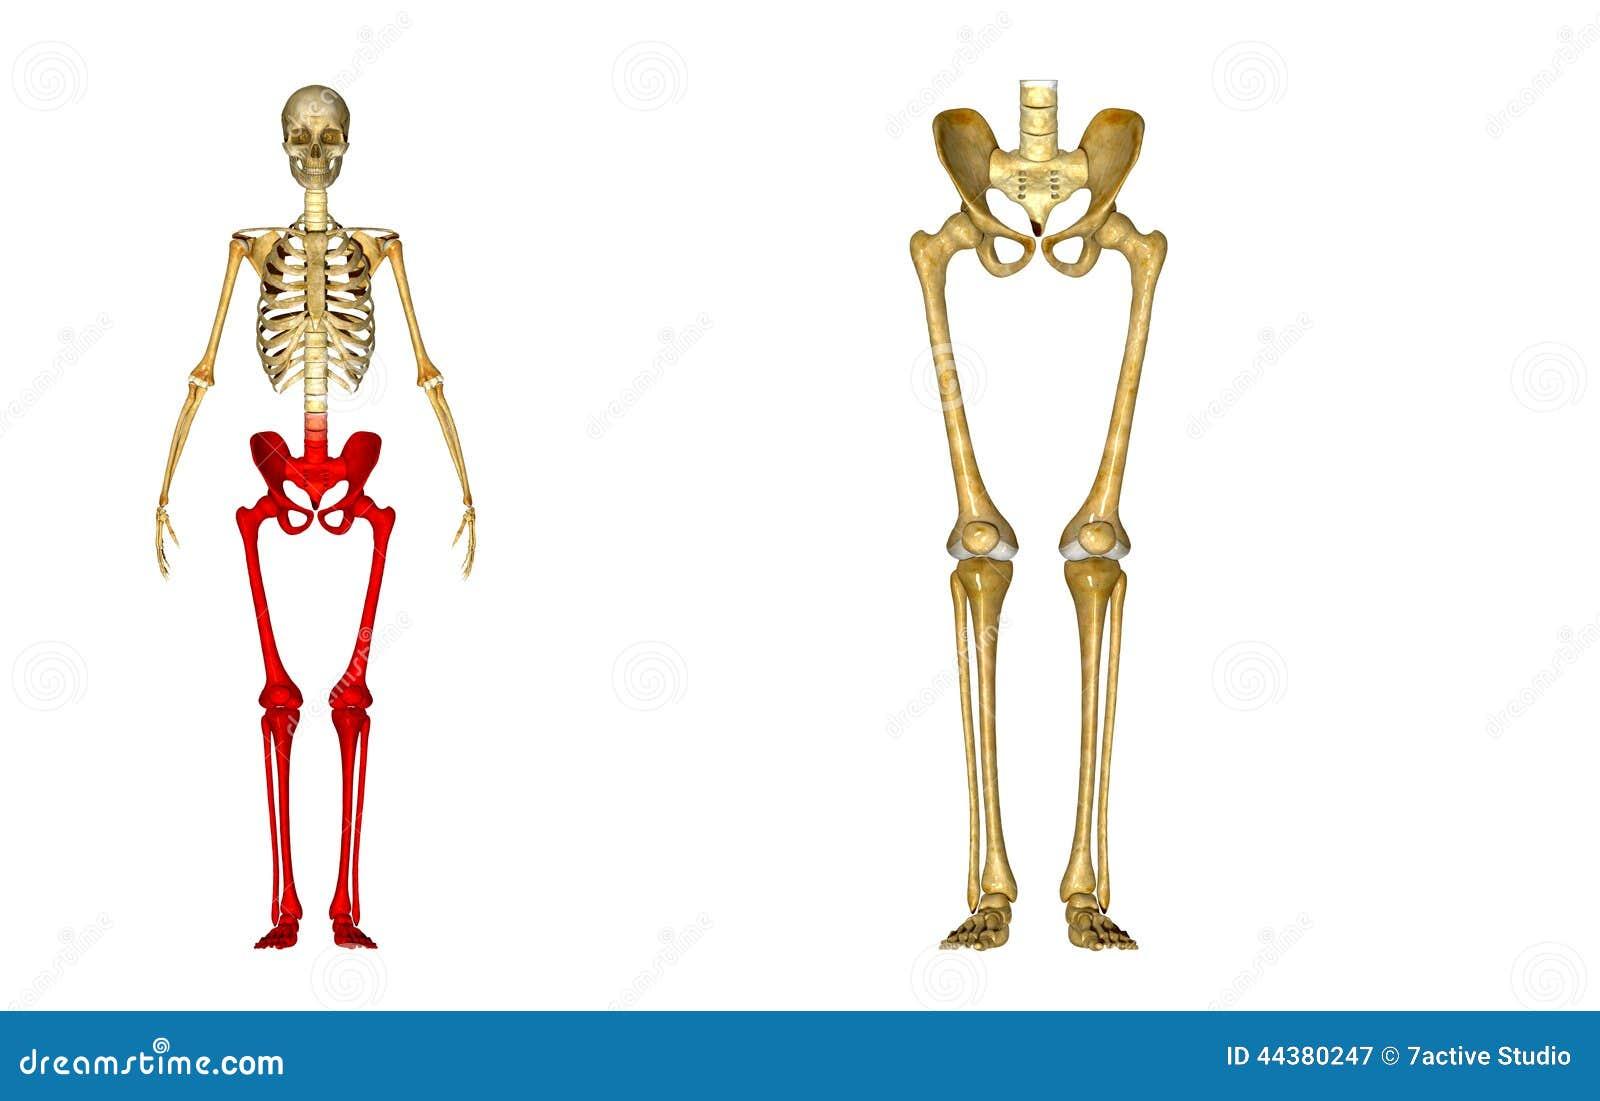 Esqueleto: Ossos do quadril, do fêmur, da tíbia, do perônio, do tornozelo e de pé